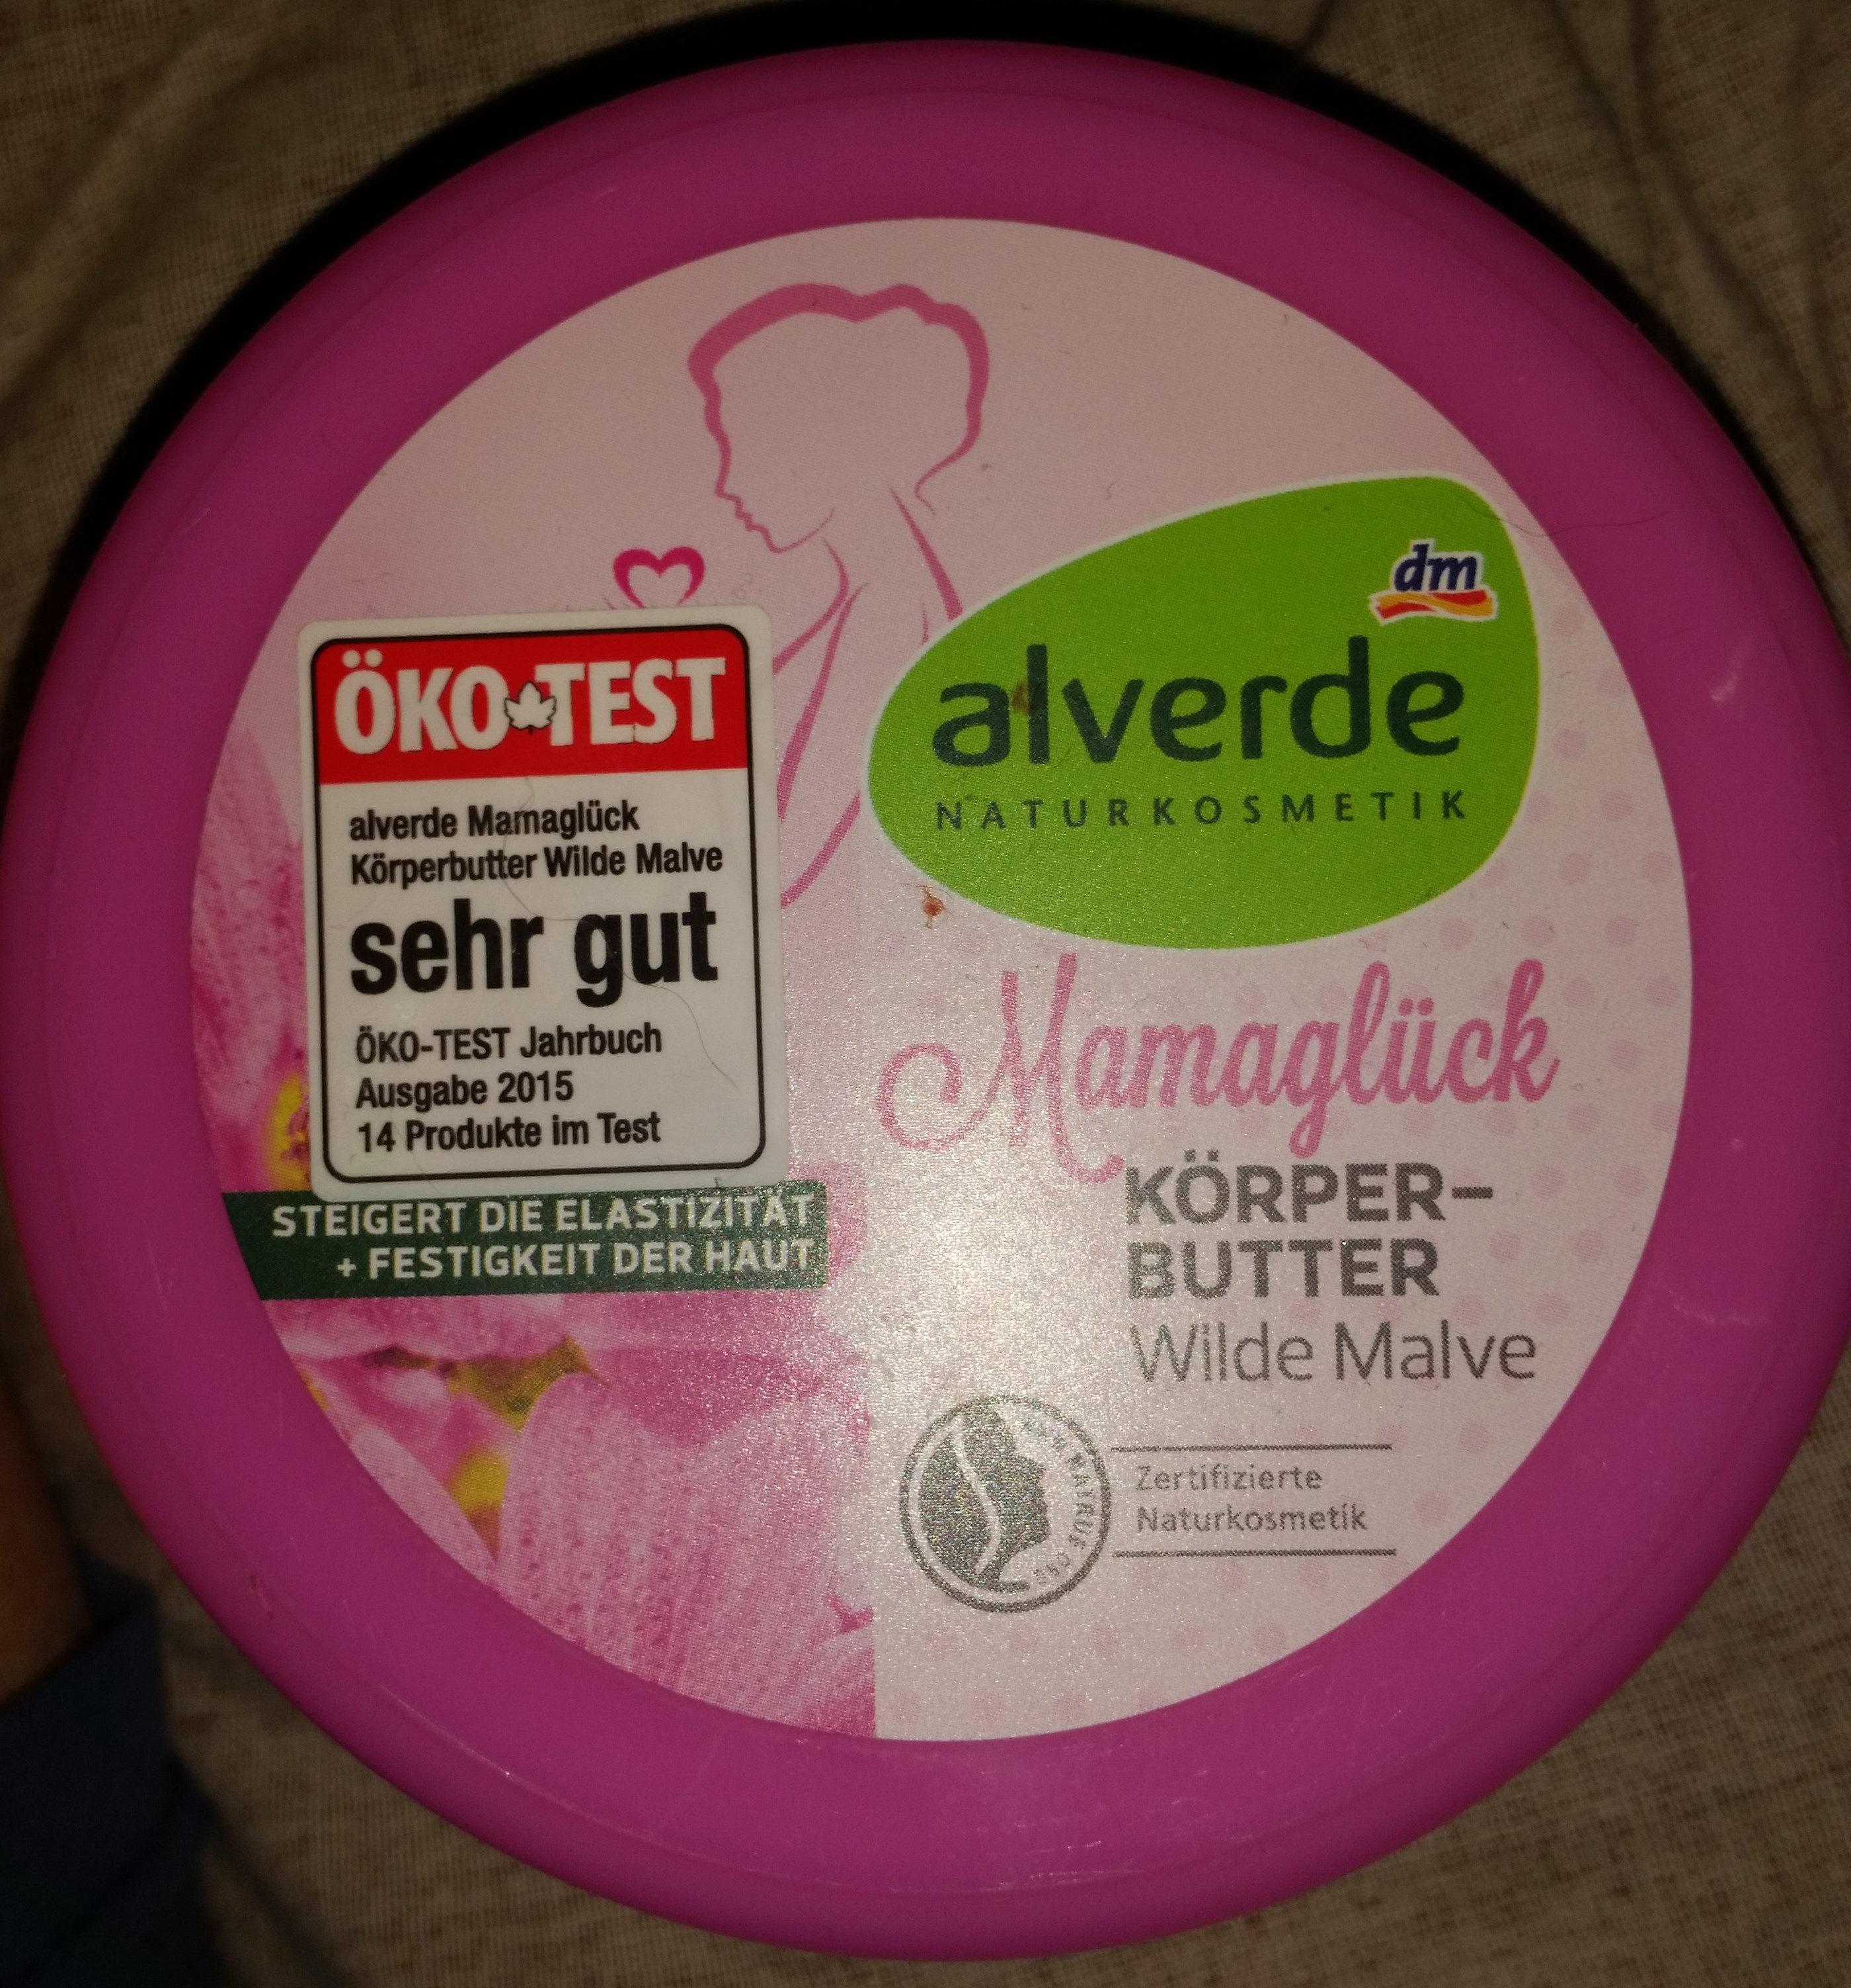 Mamaglück Körperbutter Wilde Malve - Product